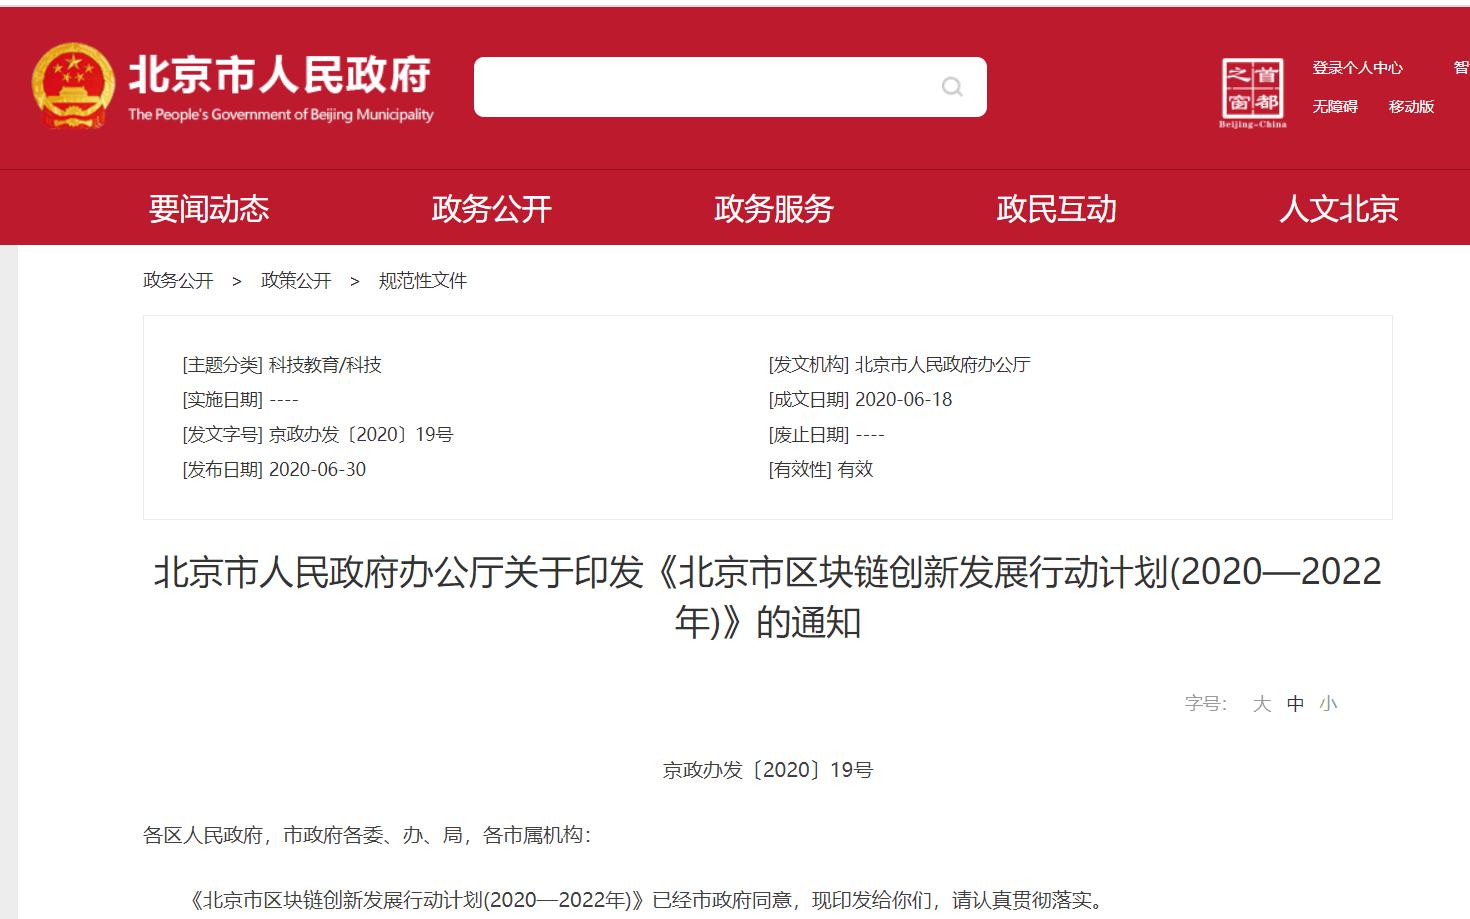 欧科云链解读北京区块链发展3年规划:将形成聚集效应和规模经